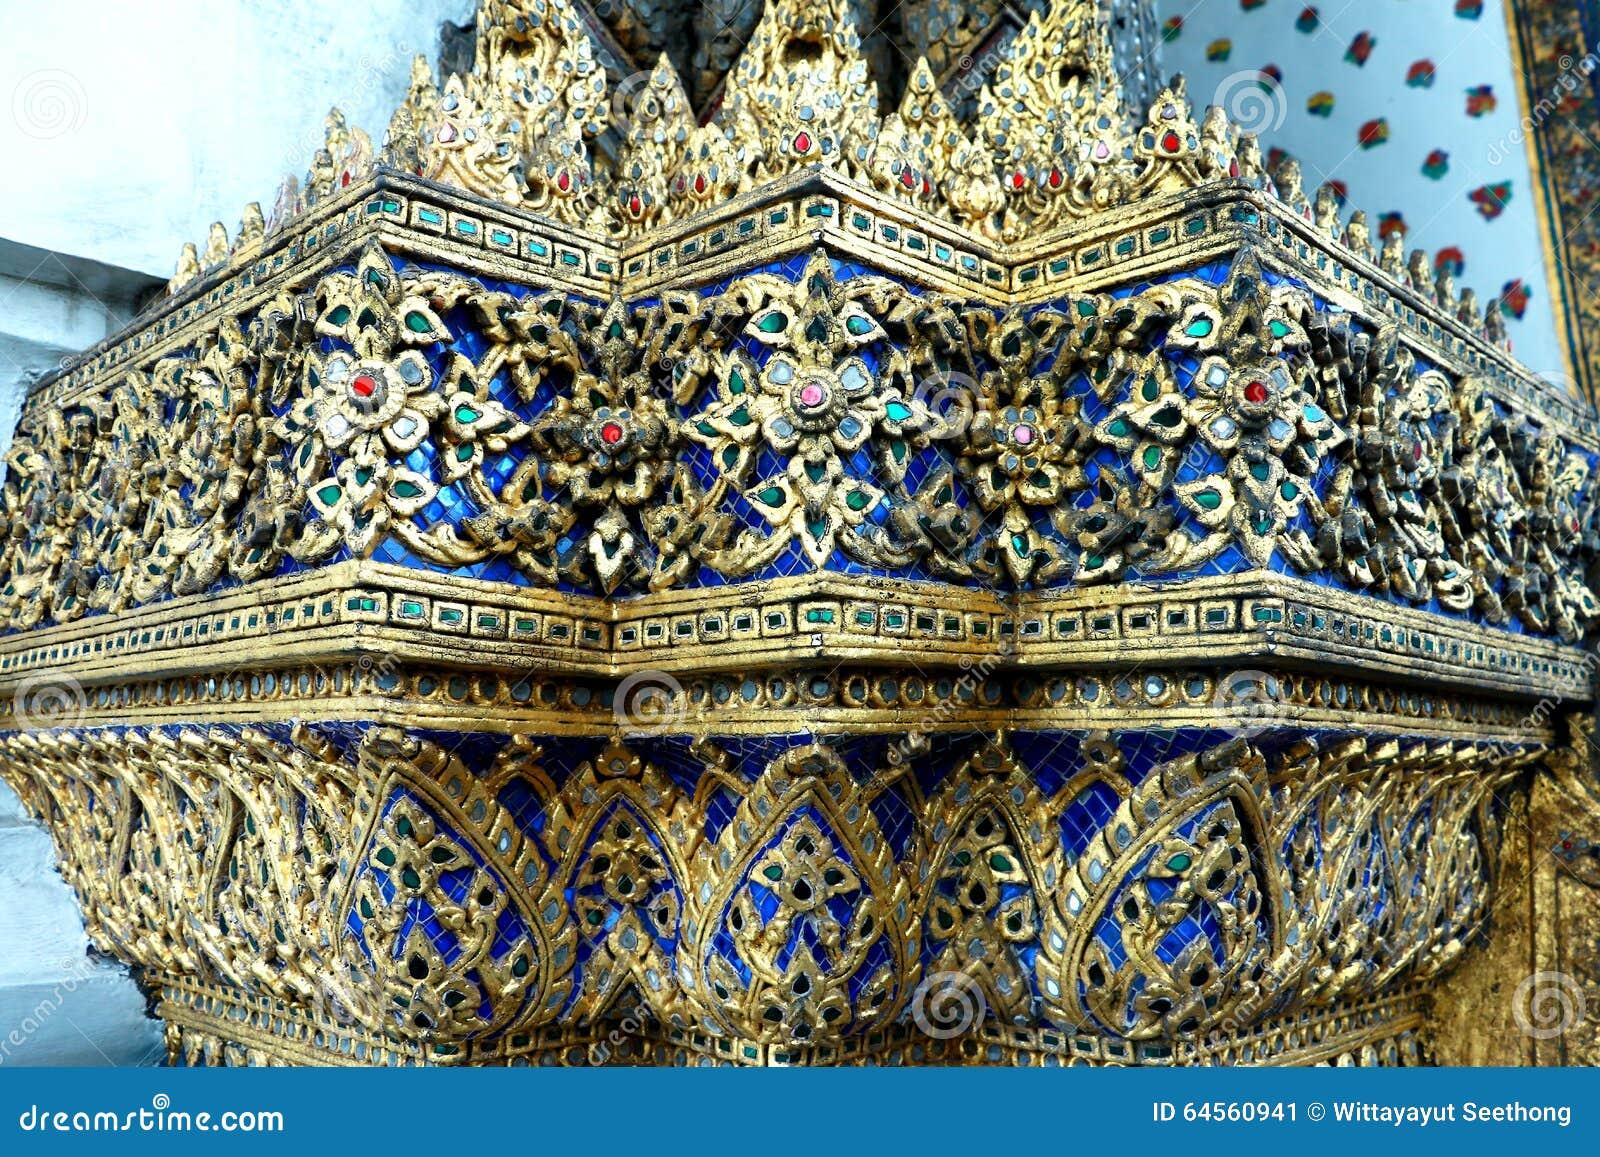 泰国玻璃从五颜六色的玻璃的马赛克墙壁装饰装饰品在Wat Pho寺庙,曼谷泰国